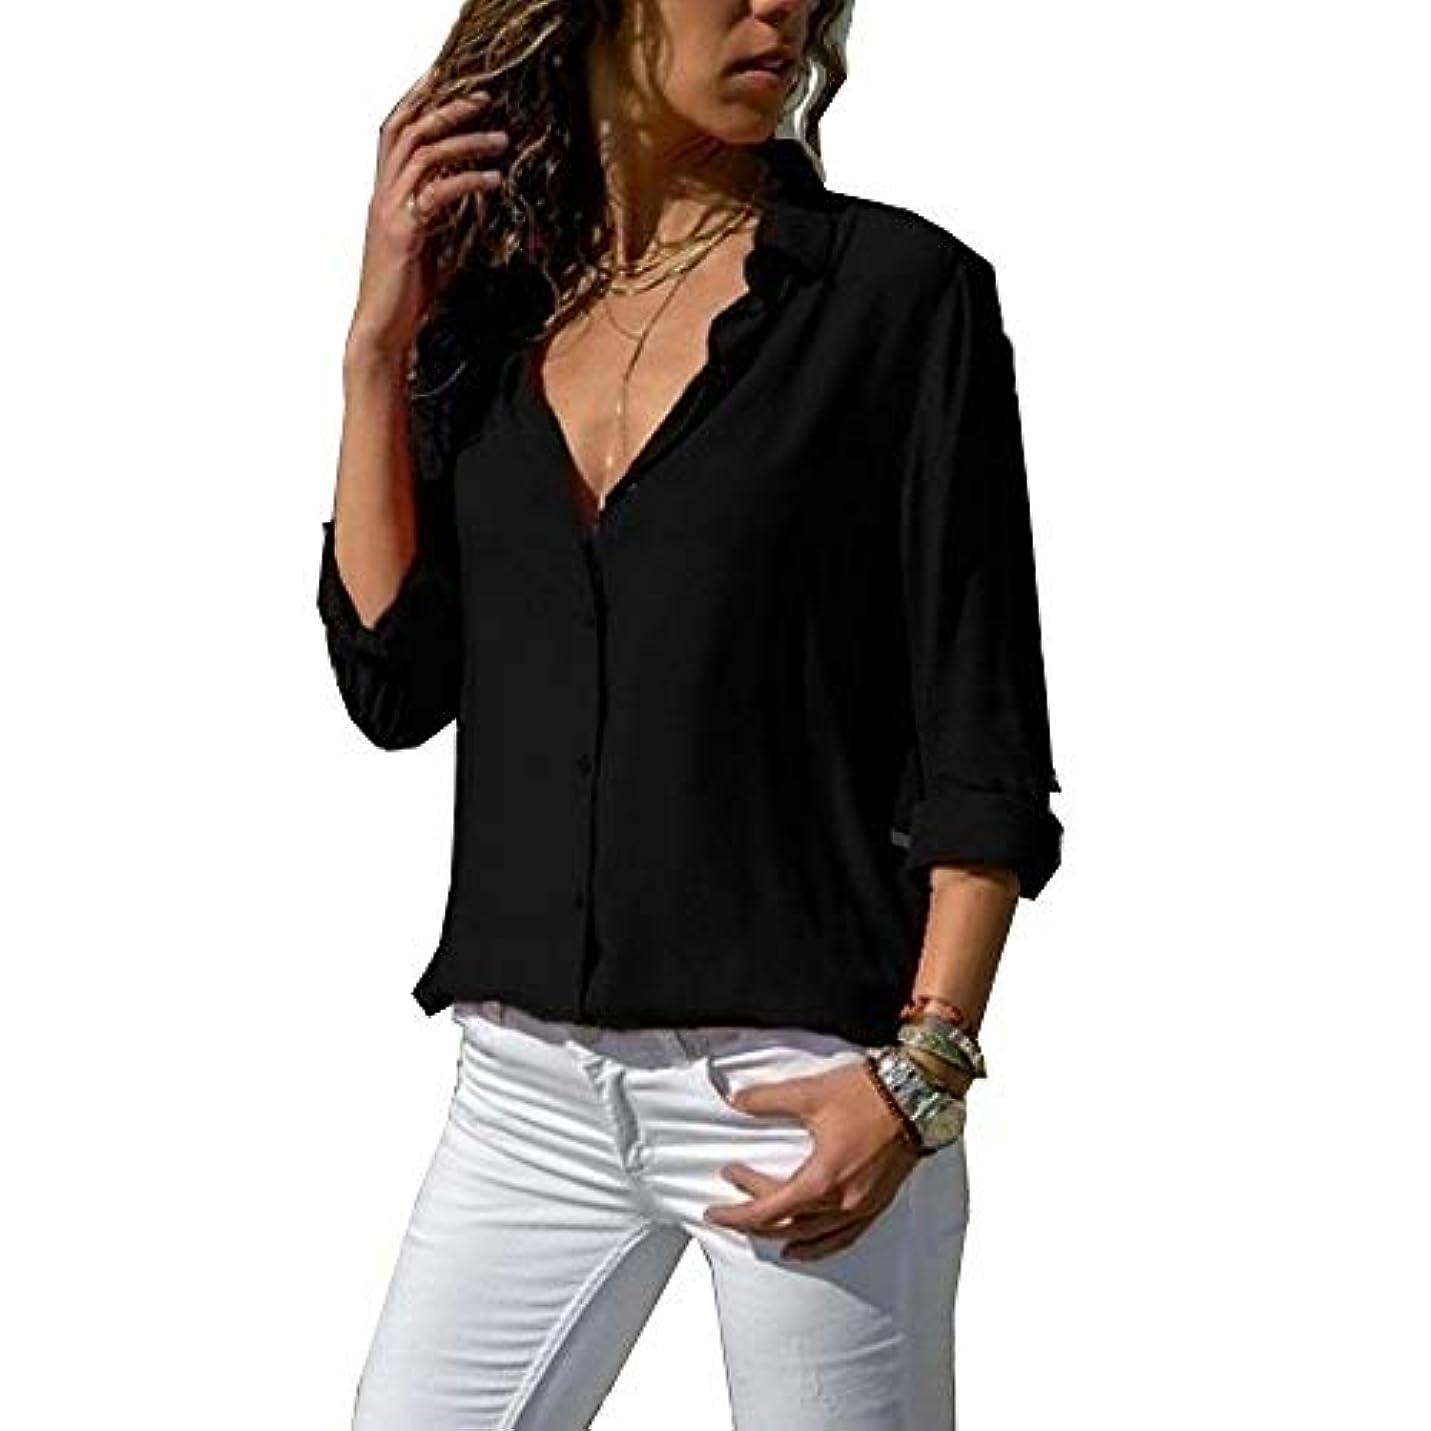 本体バイパス幻想MIFAN ルーズシャツ、トップス&Tシャツ、プラスサイズ、トップス&ブラウス、シフォンブラウス、女性トップス、シフォンシャツ